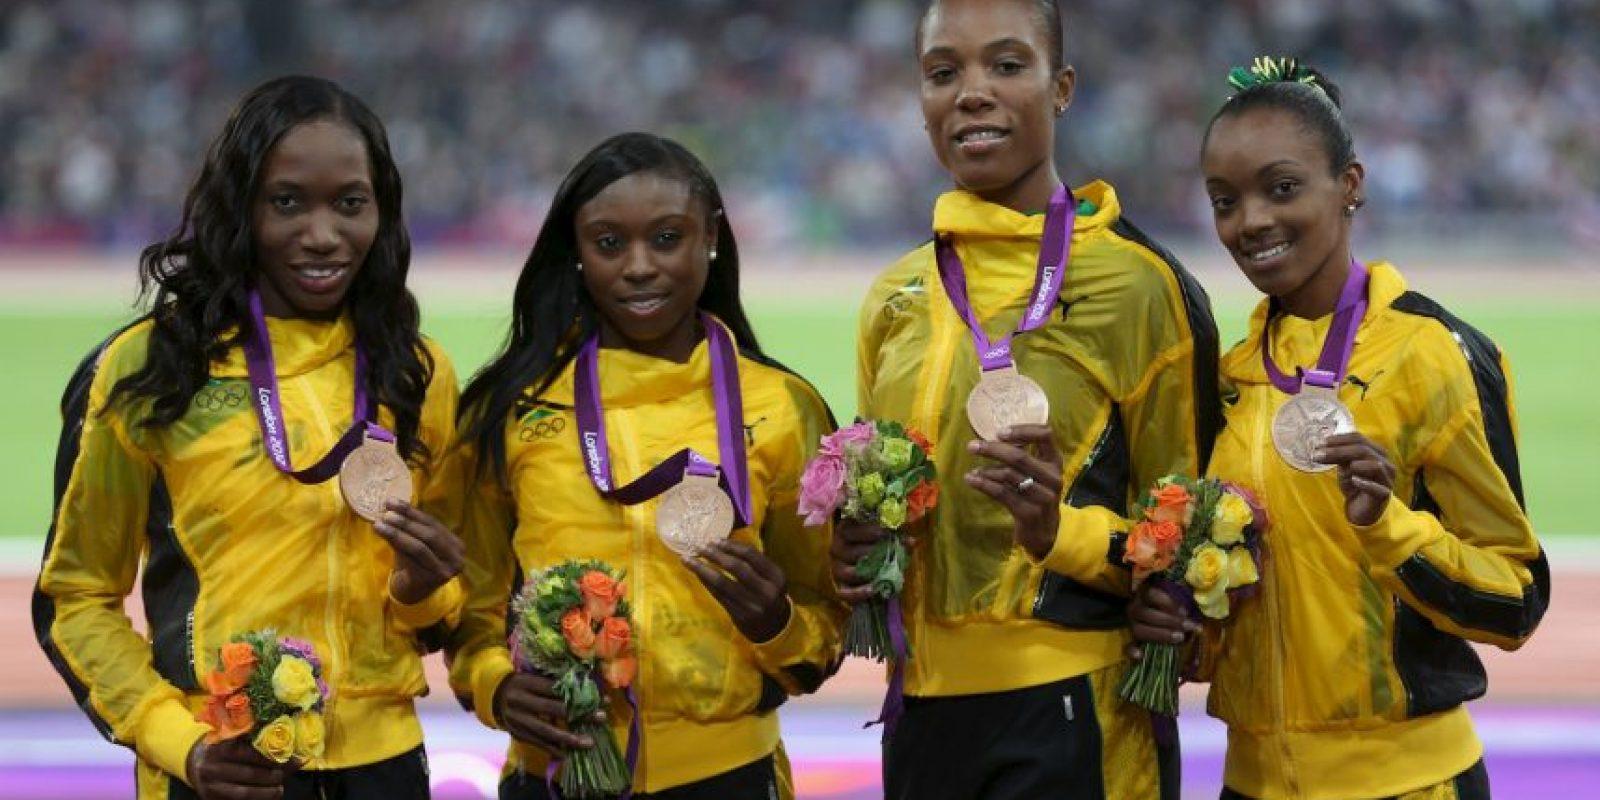 La velocista jamaiquina Novlene Williams Mills celebró en agosto de 2012 una medalla de bronce en los relevos 4×100 m junto con sus compañeras de equipo, pero su mente no estaba ahí. Tres días después fue operada a causa de un tumor cancerígeno en el pecho que le fue diagnosticado un mes antes de las competencias olímpicas y que mantuvo en secreto para no afectar a sus compañeros de equipo. La operación fue un éxito y en 2013 regresó a las pistas dispuesta a seguir compitiendo y cosechando medallas para su pais. Foto:Getty Images